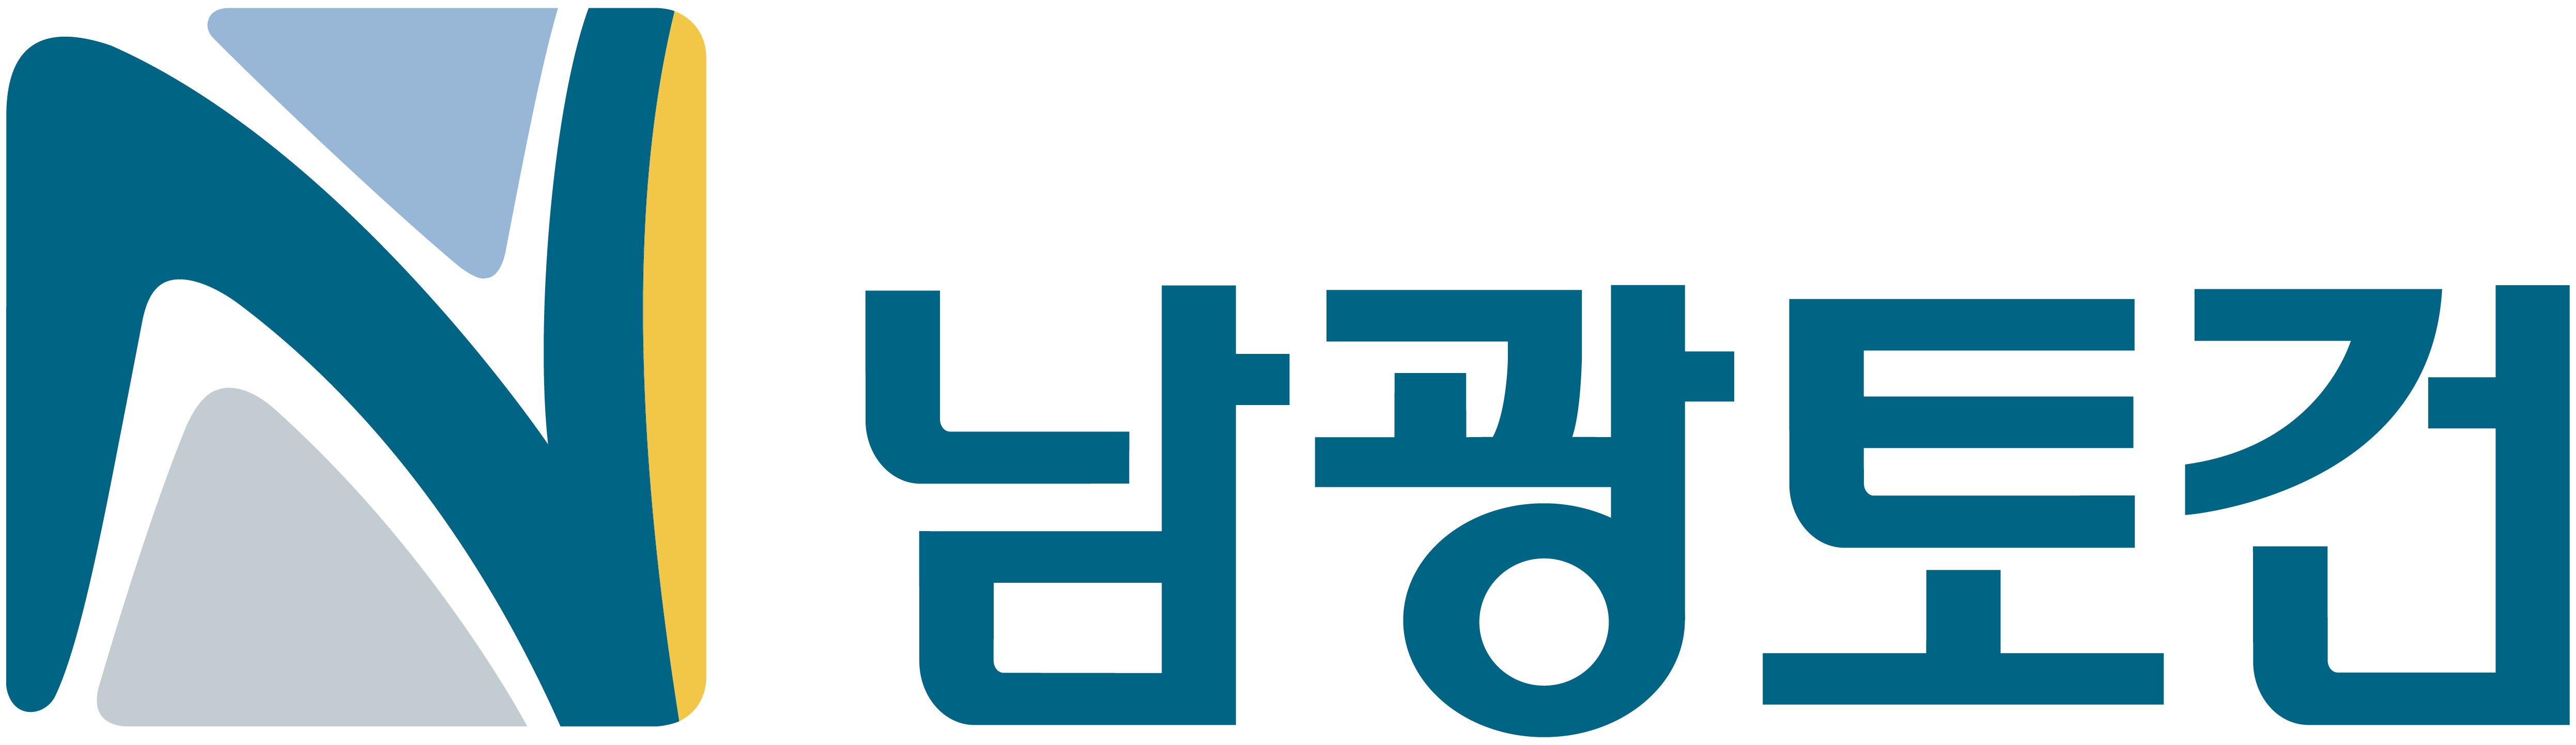 세운건설의 계열사 남광토건(주)의 로고